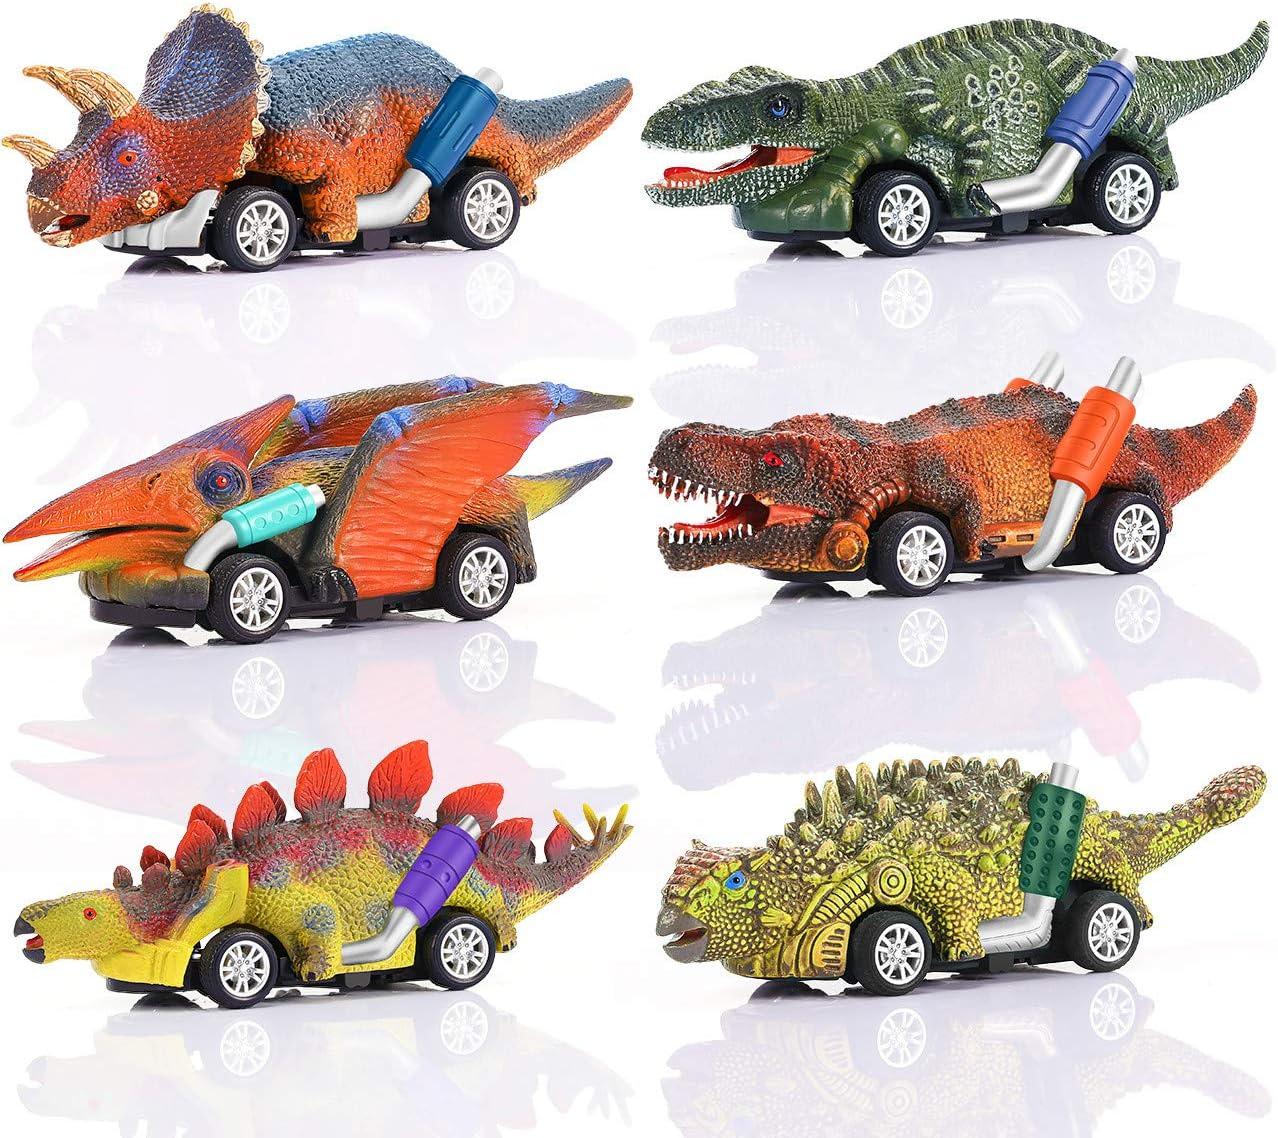 ATOPDREAM Juguetes Niños 2-8 Años, Juegos Niños 2 3 4 5 Años Dinosaurio Juguete Coche Regalos Niños 2 3 4 5 6 7 8 Años Regalos de Cumpleaños para Niños